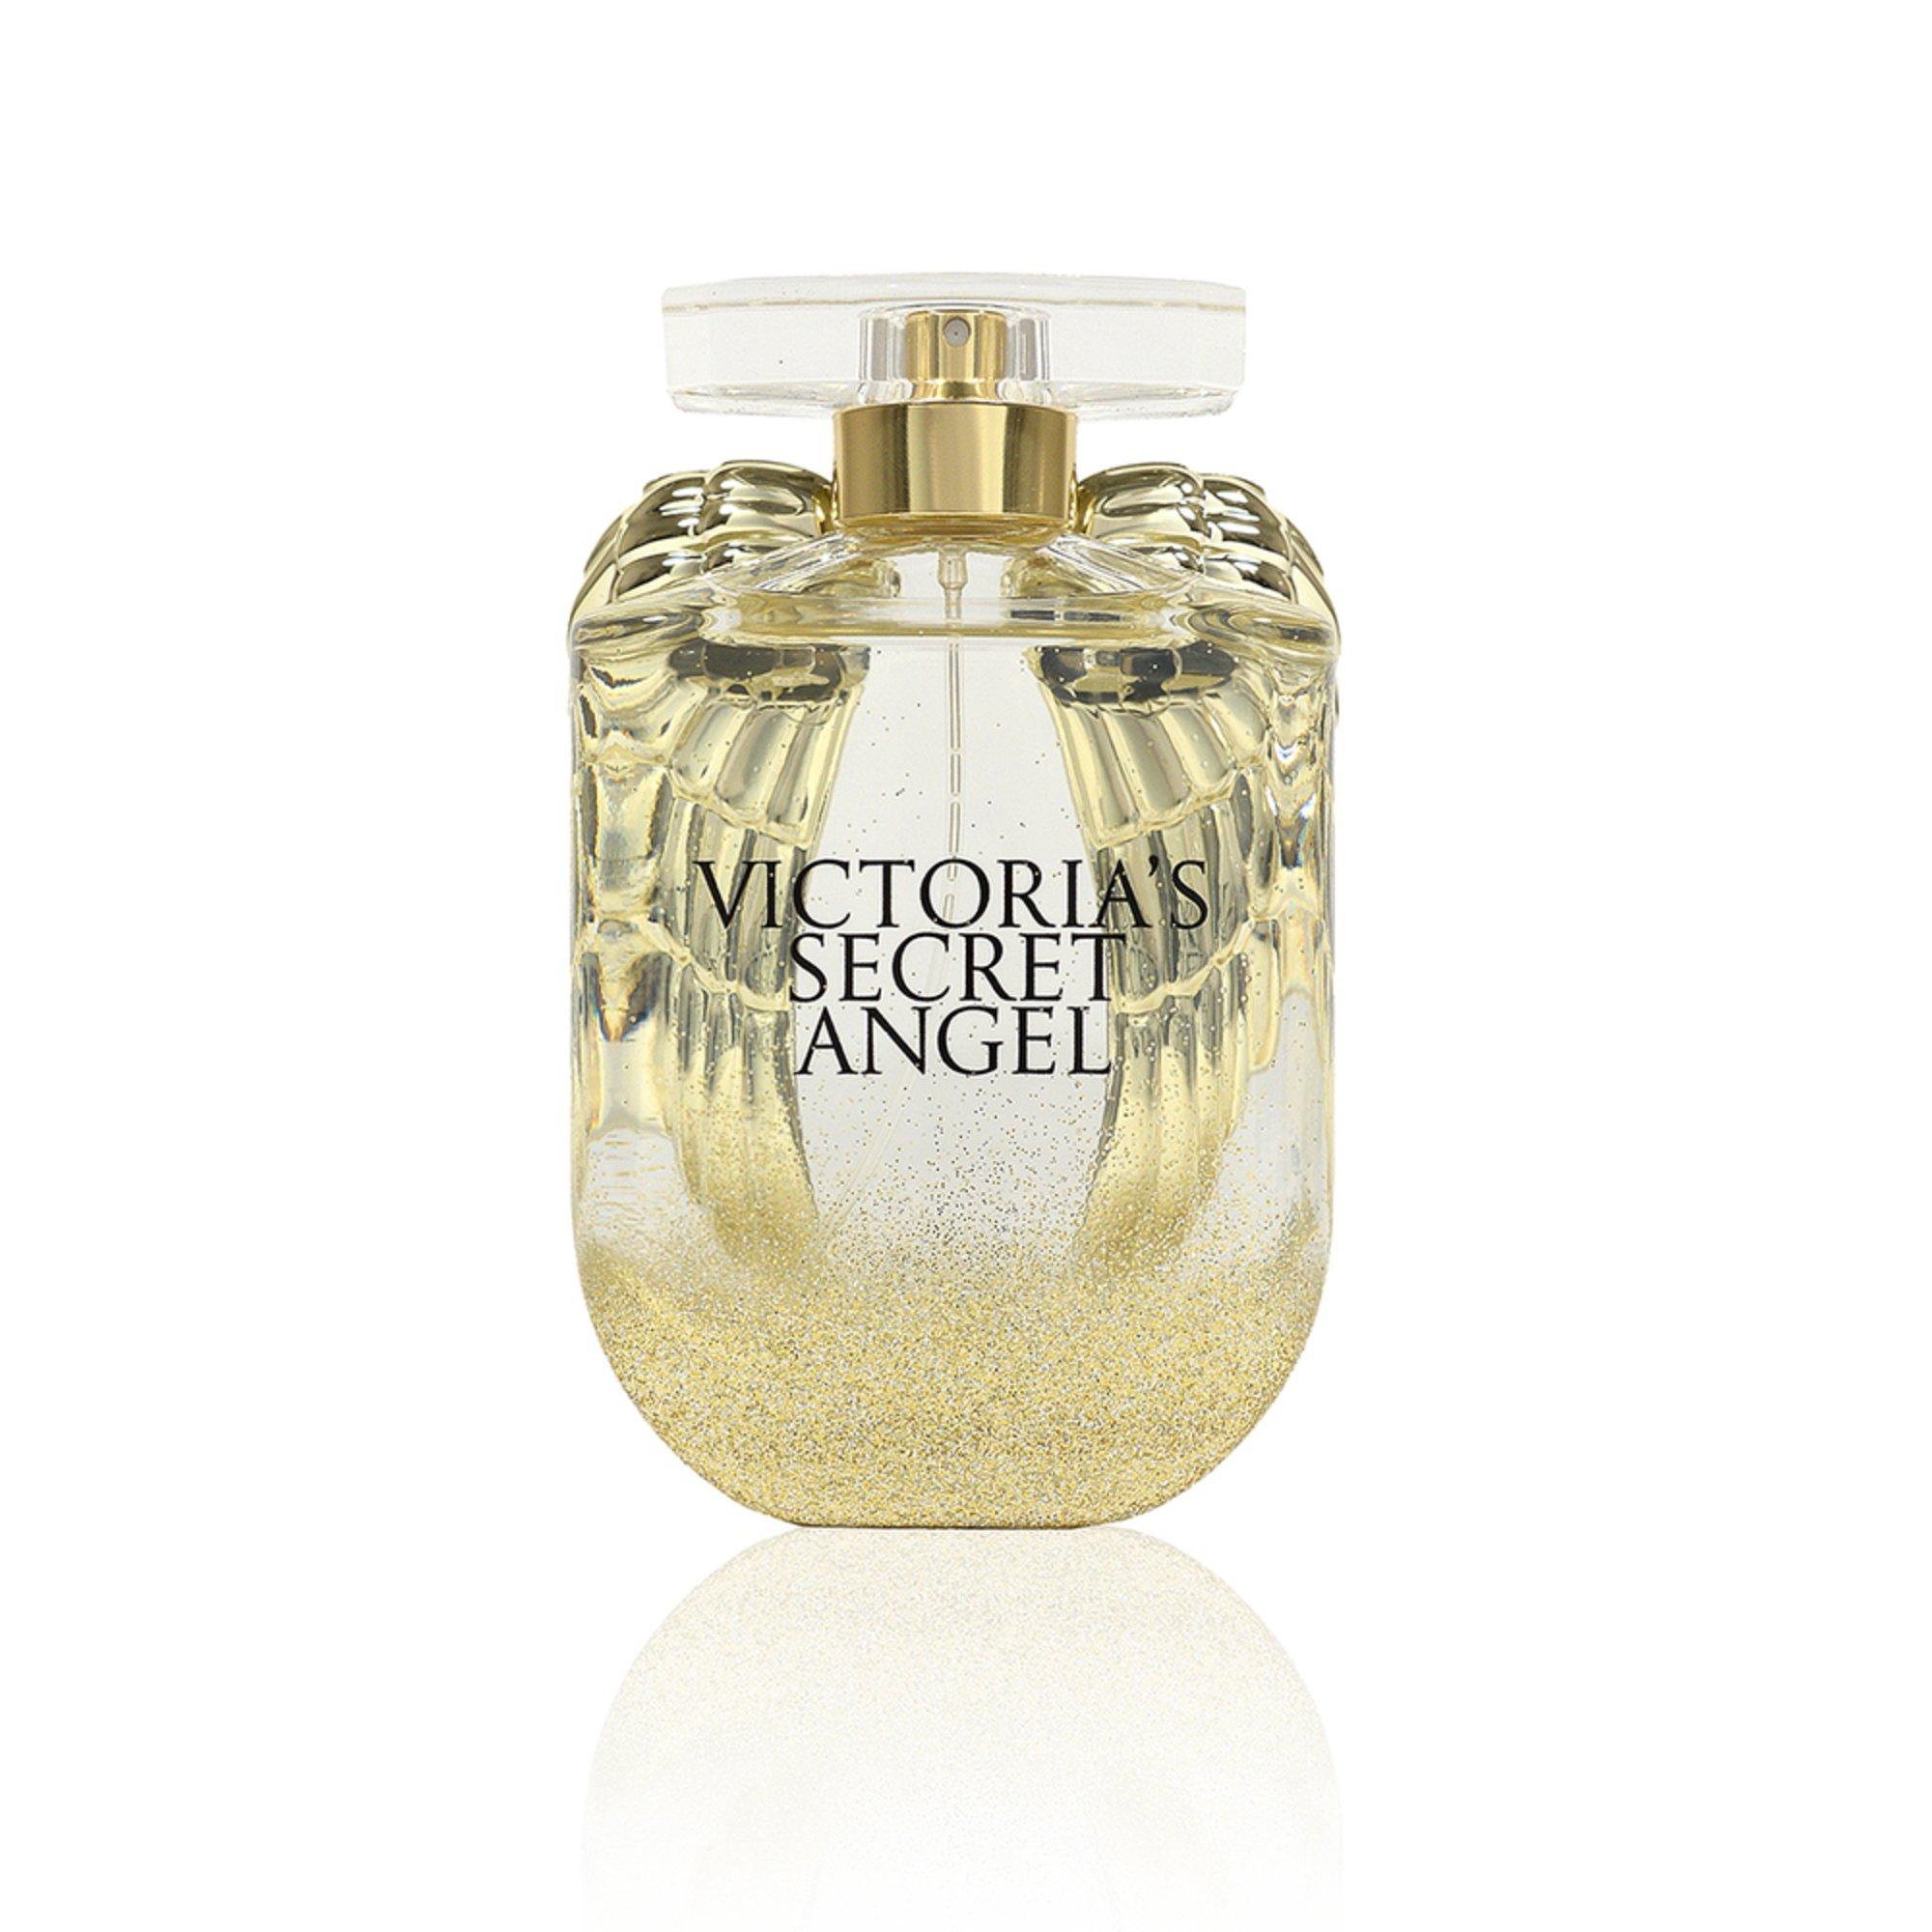 Victorias Secret Angel Gold Eau De Parfum 34oz Perfume Health